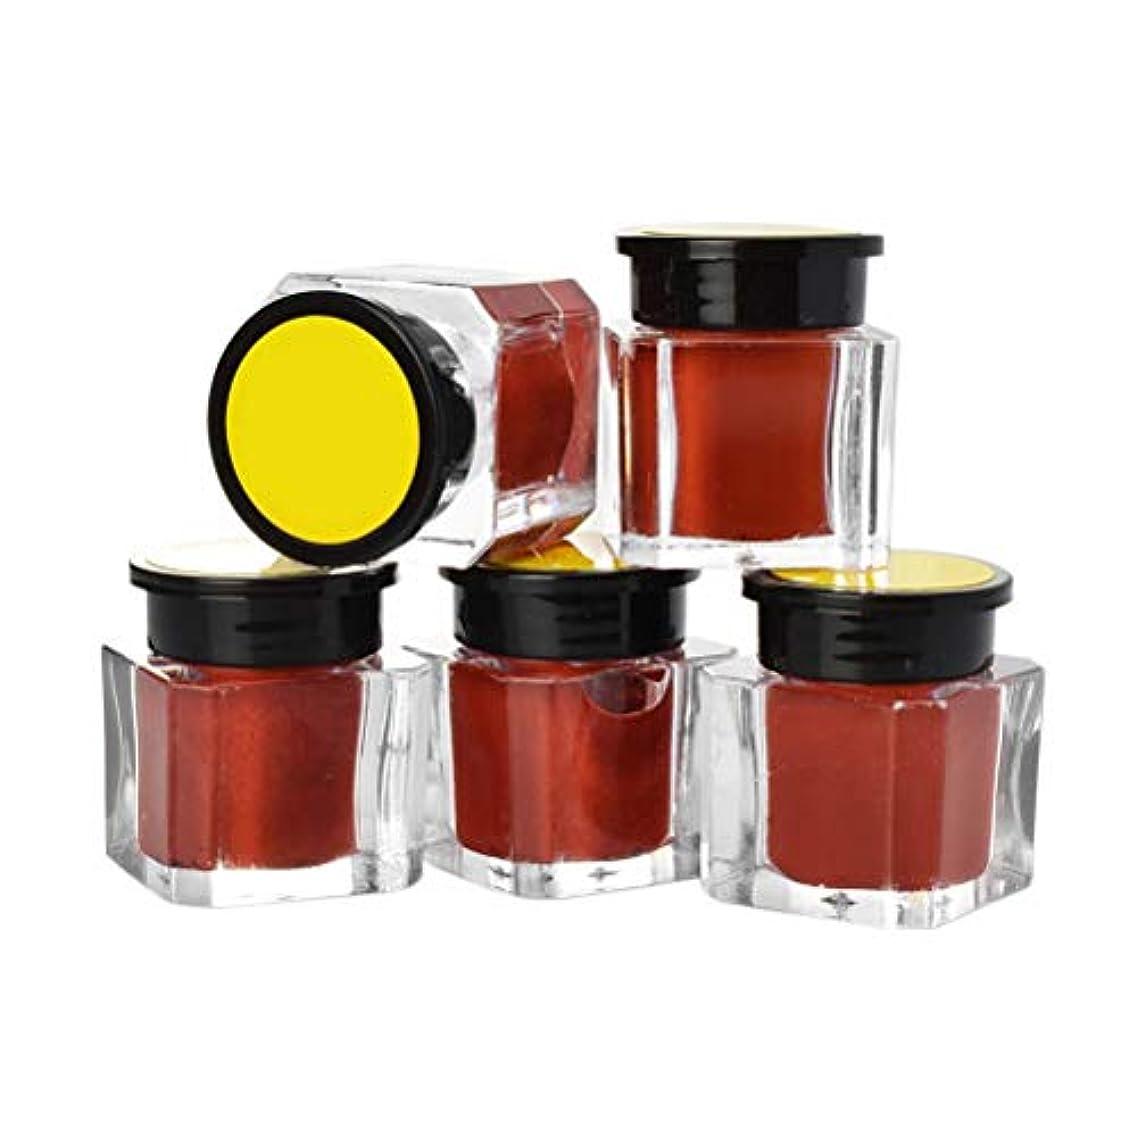 アーティキュレーション環境に優しい代わりのHealifty 5ピースタトゥーインク顔料眉アイライナーボディーアート塗料マイクロブレードカラー顔料コーヒー